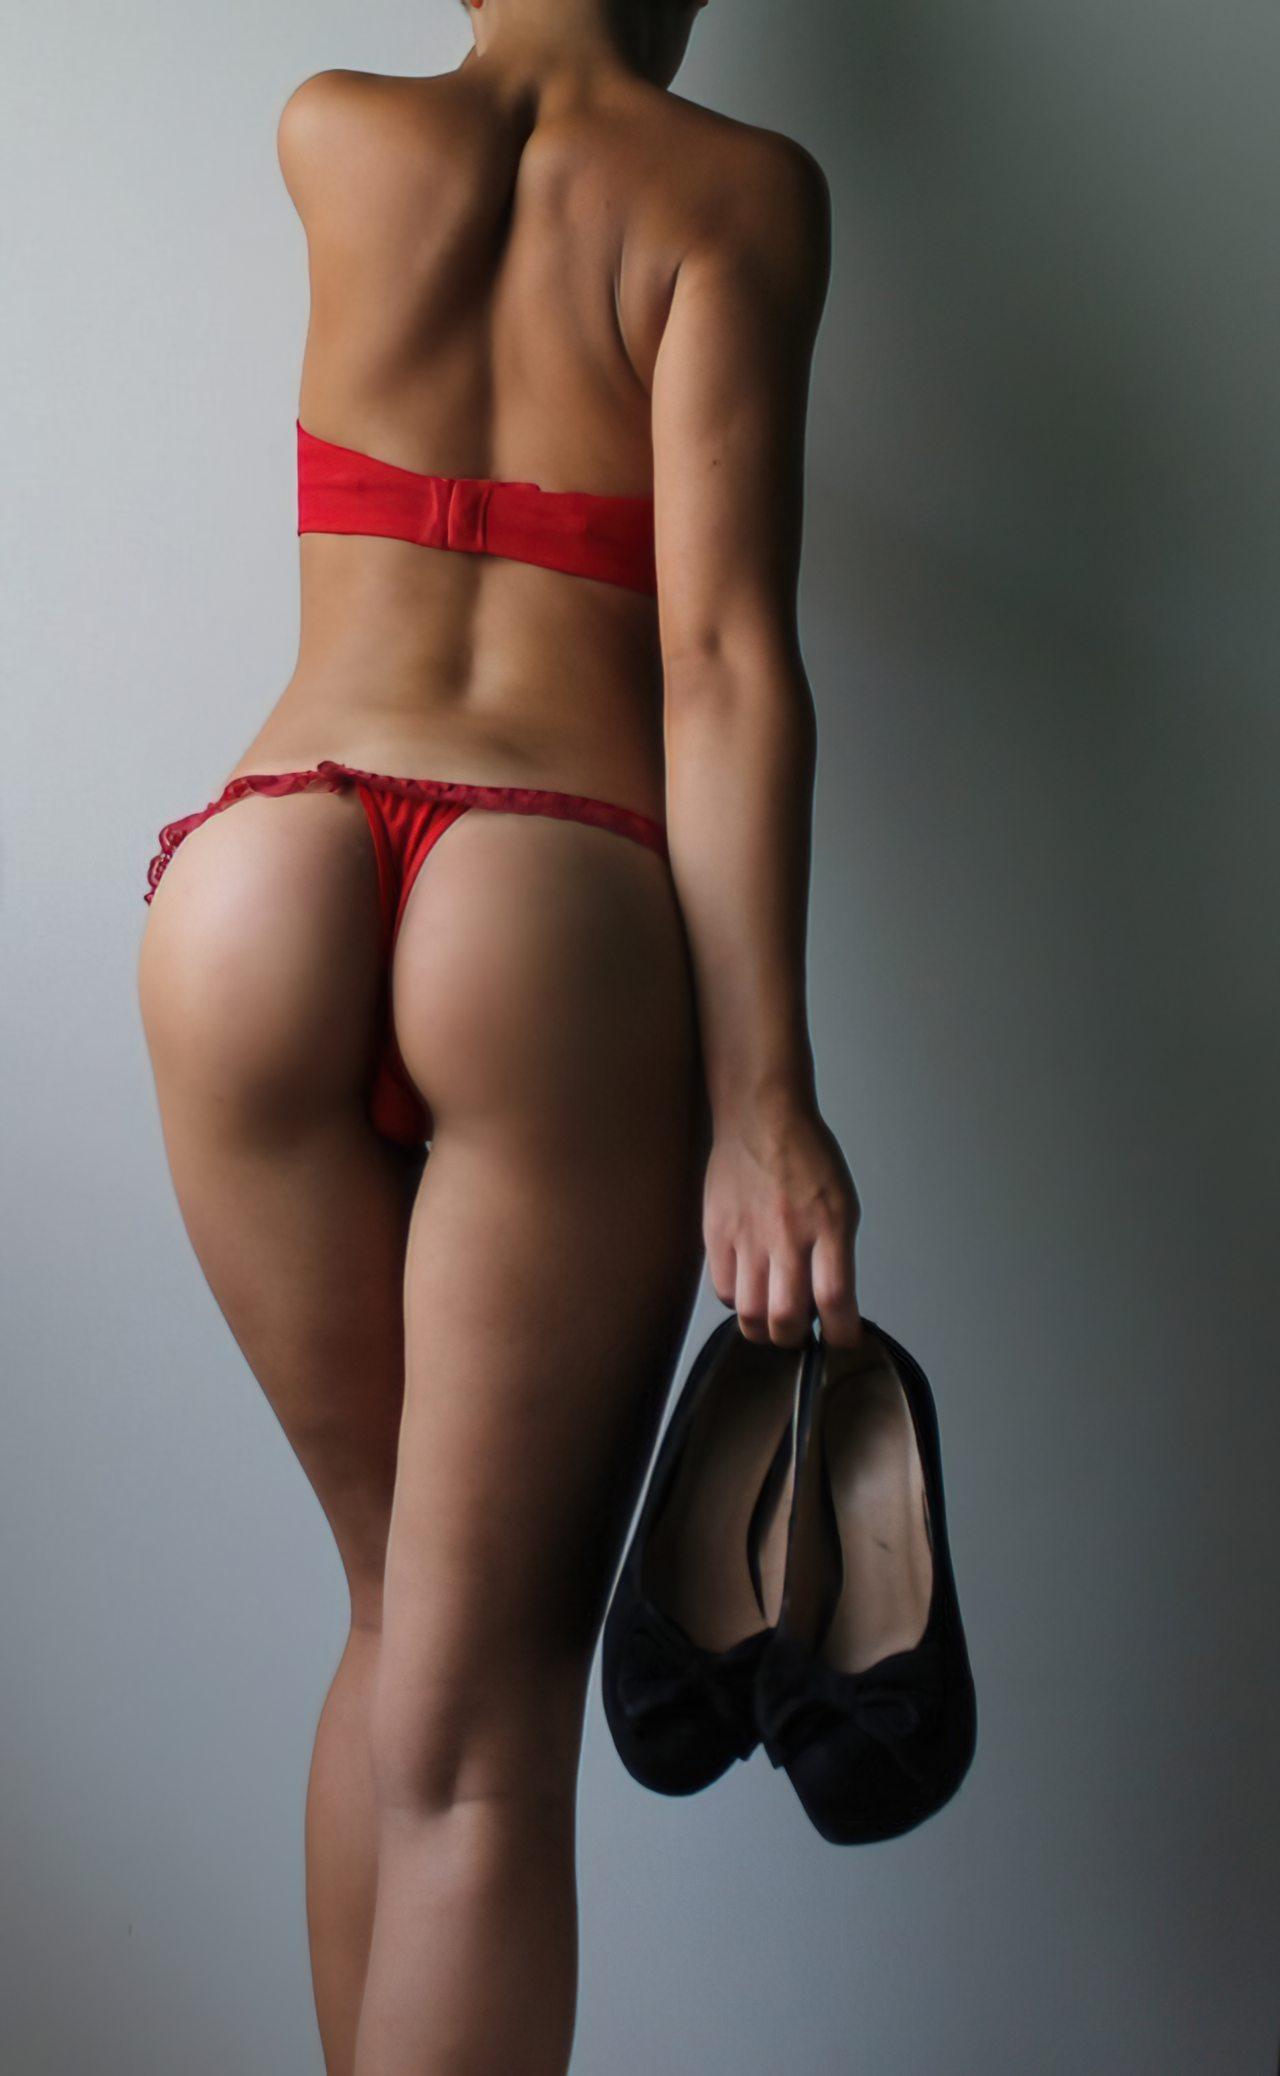 Mulher Despindo Vestido (4)